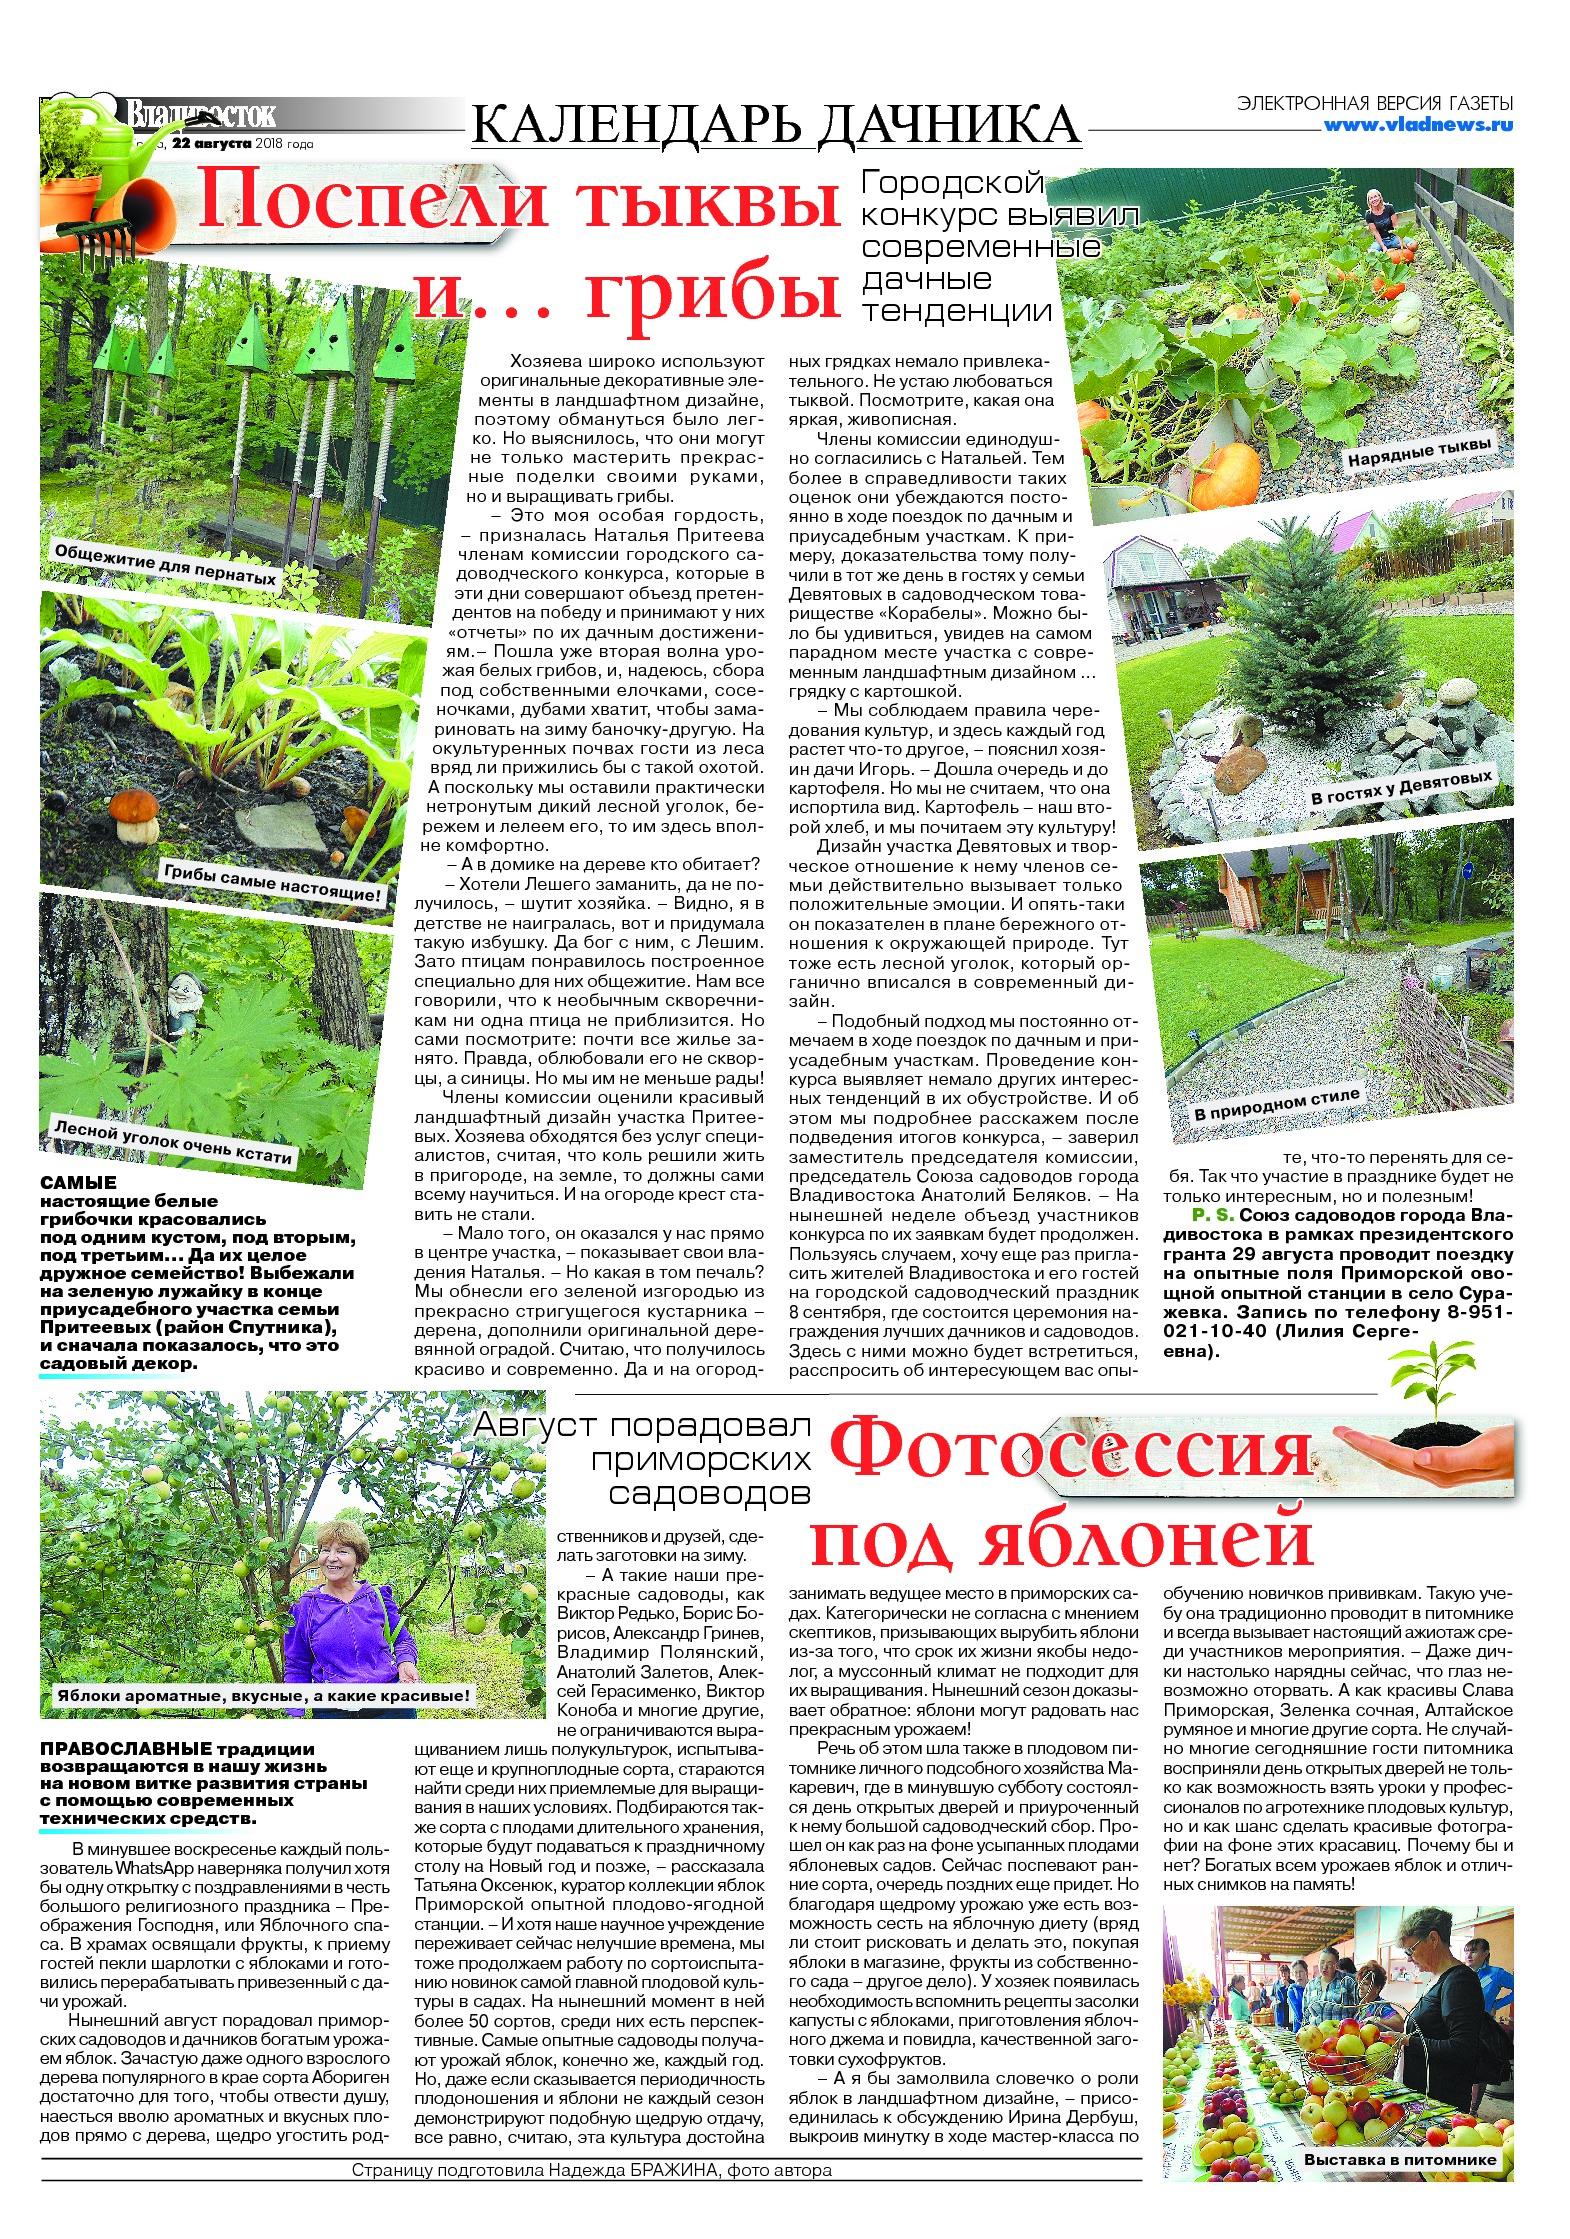 Гаш online Уссурийск Эфедрин legalrc Новотроицк